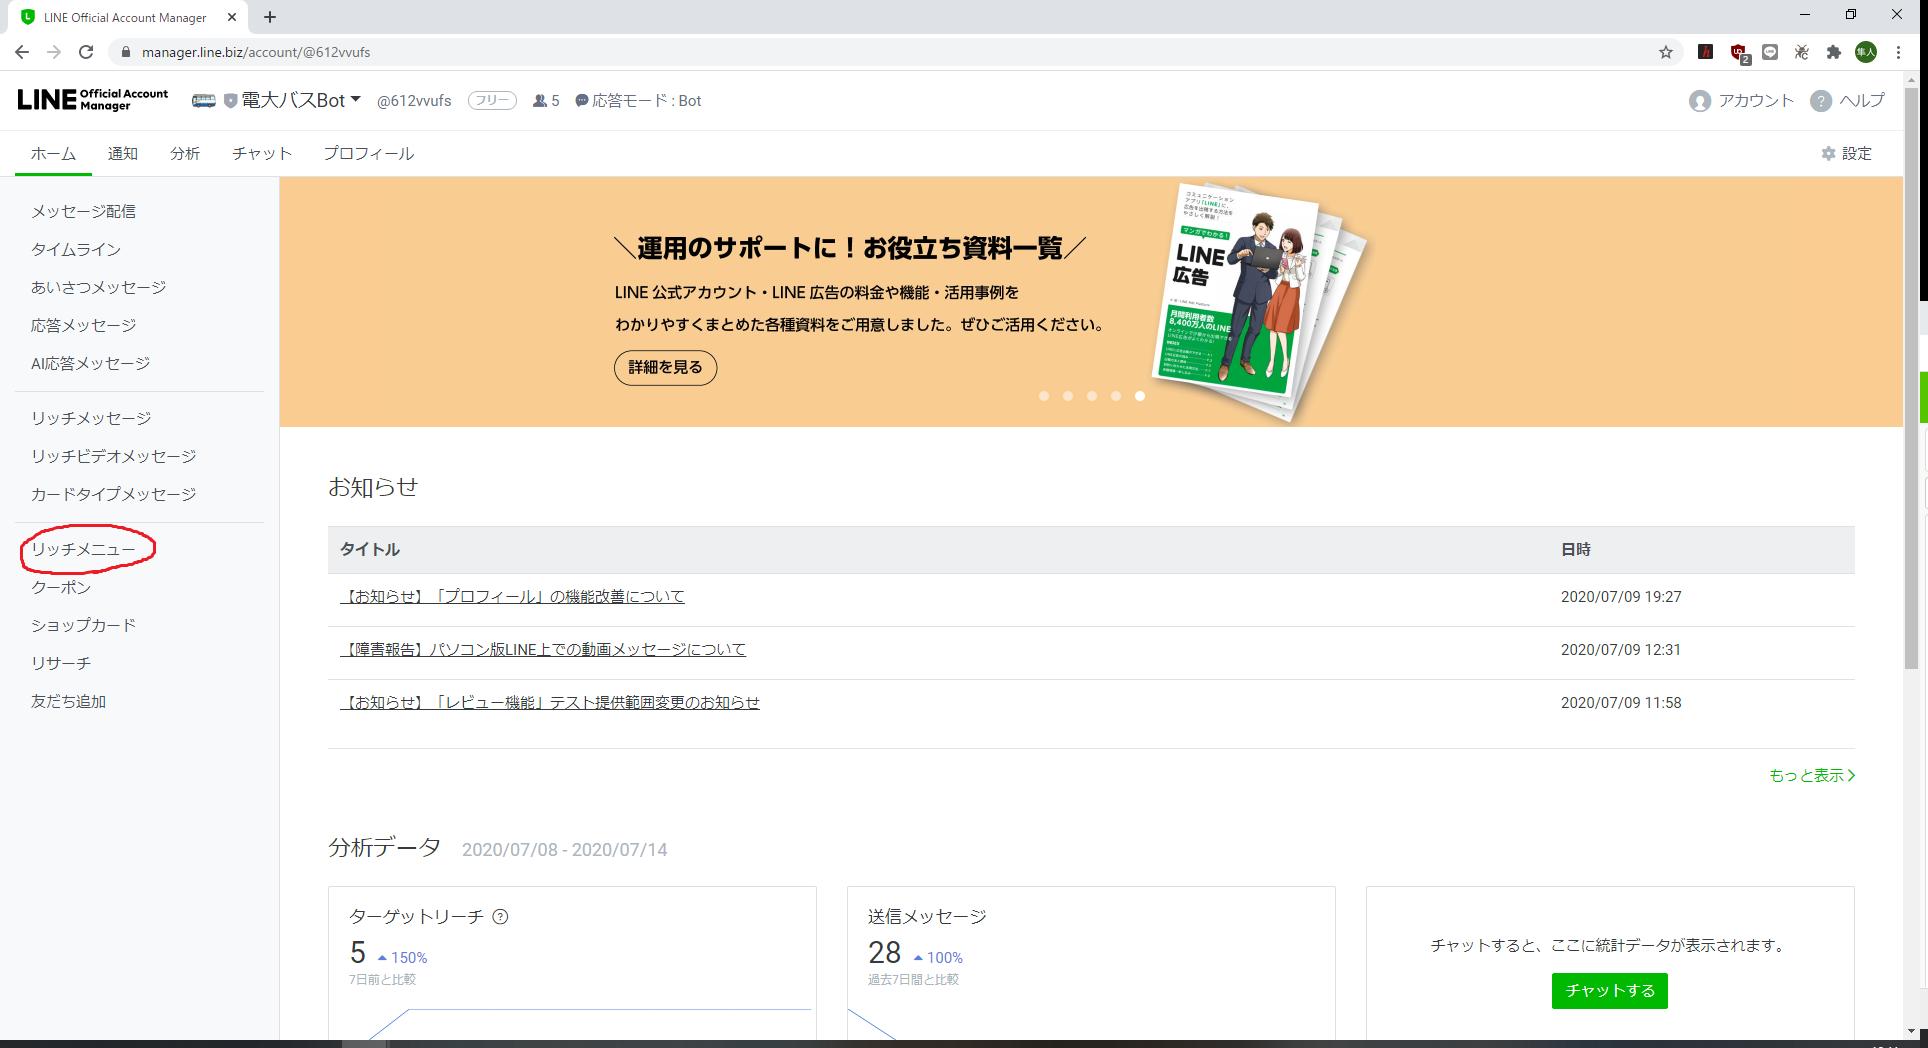 スクリーンショット 2020-07-15 16.44.55.png